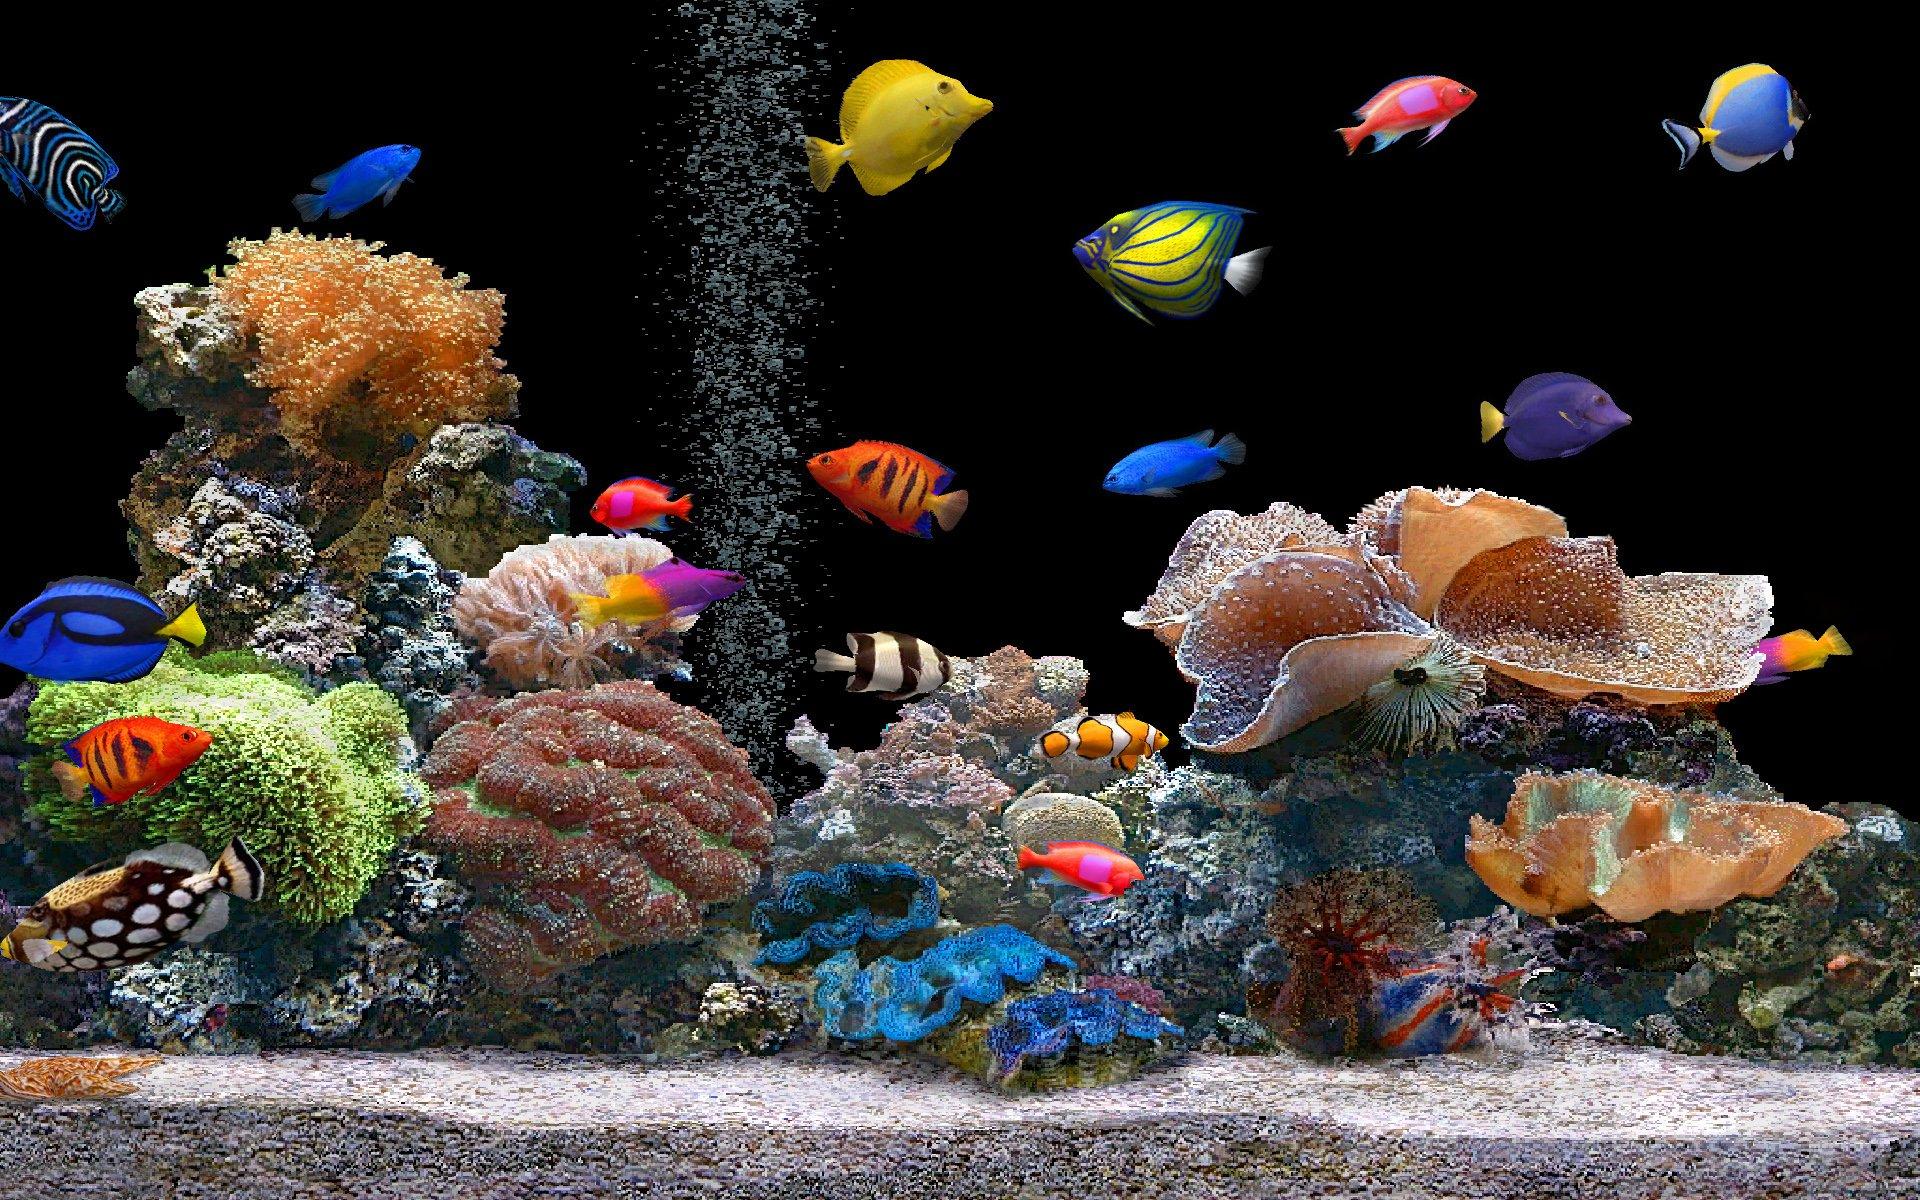 Aquarium Colorful Screensavers wallpapers HD   138274 1920x1200